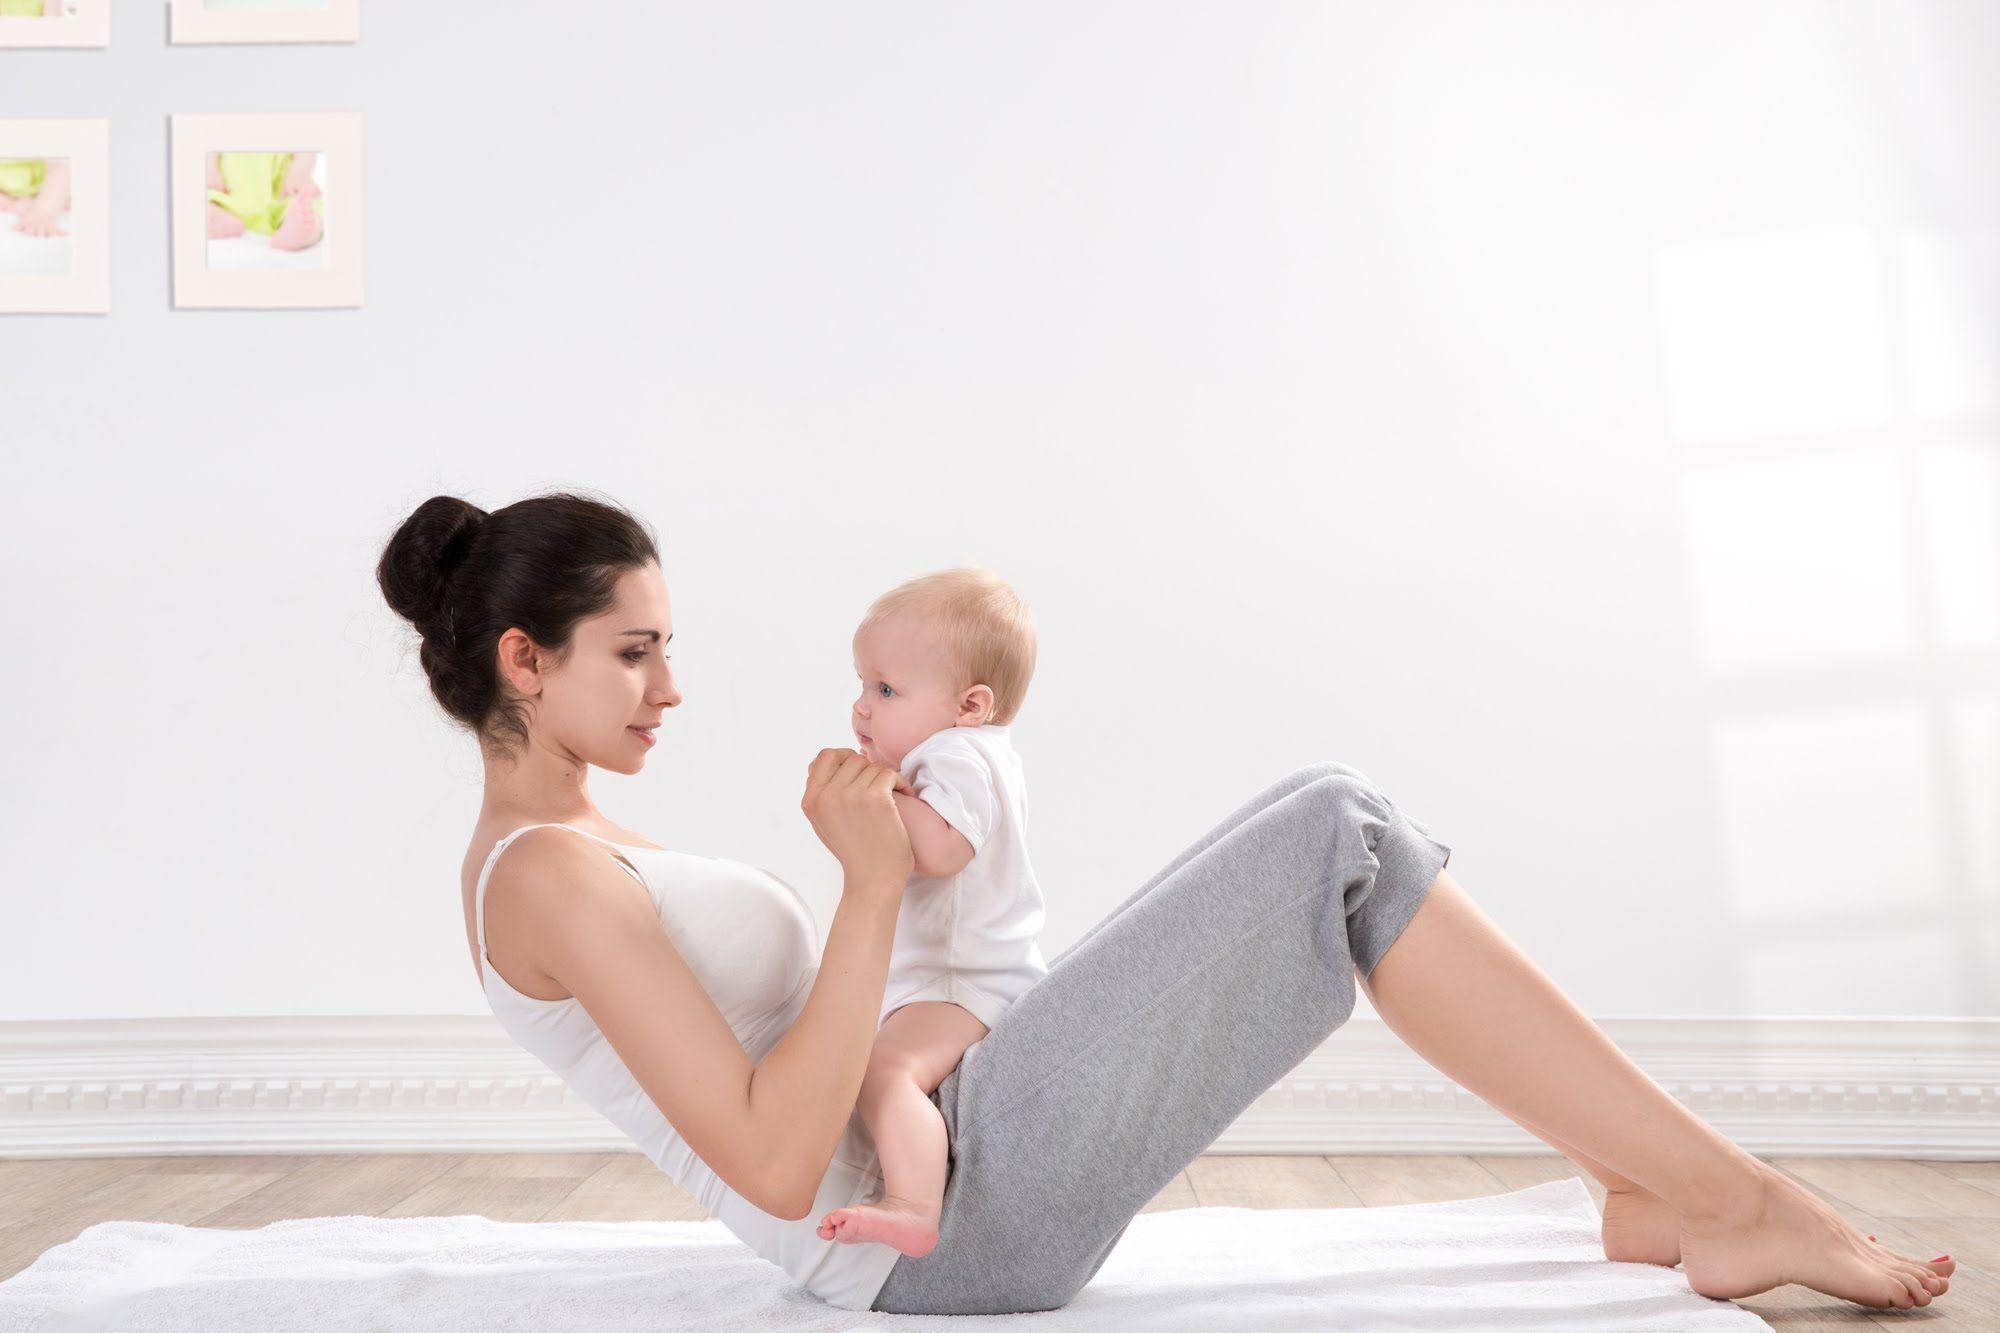 Фитнес Диета Для Кормящих. Диета кормящей мамы – медицинские советы о том что может повлиять на грудное молоко (81 фото рецептов)